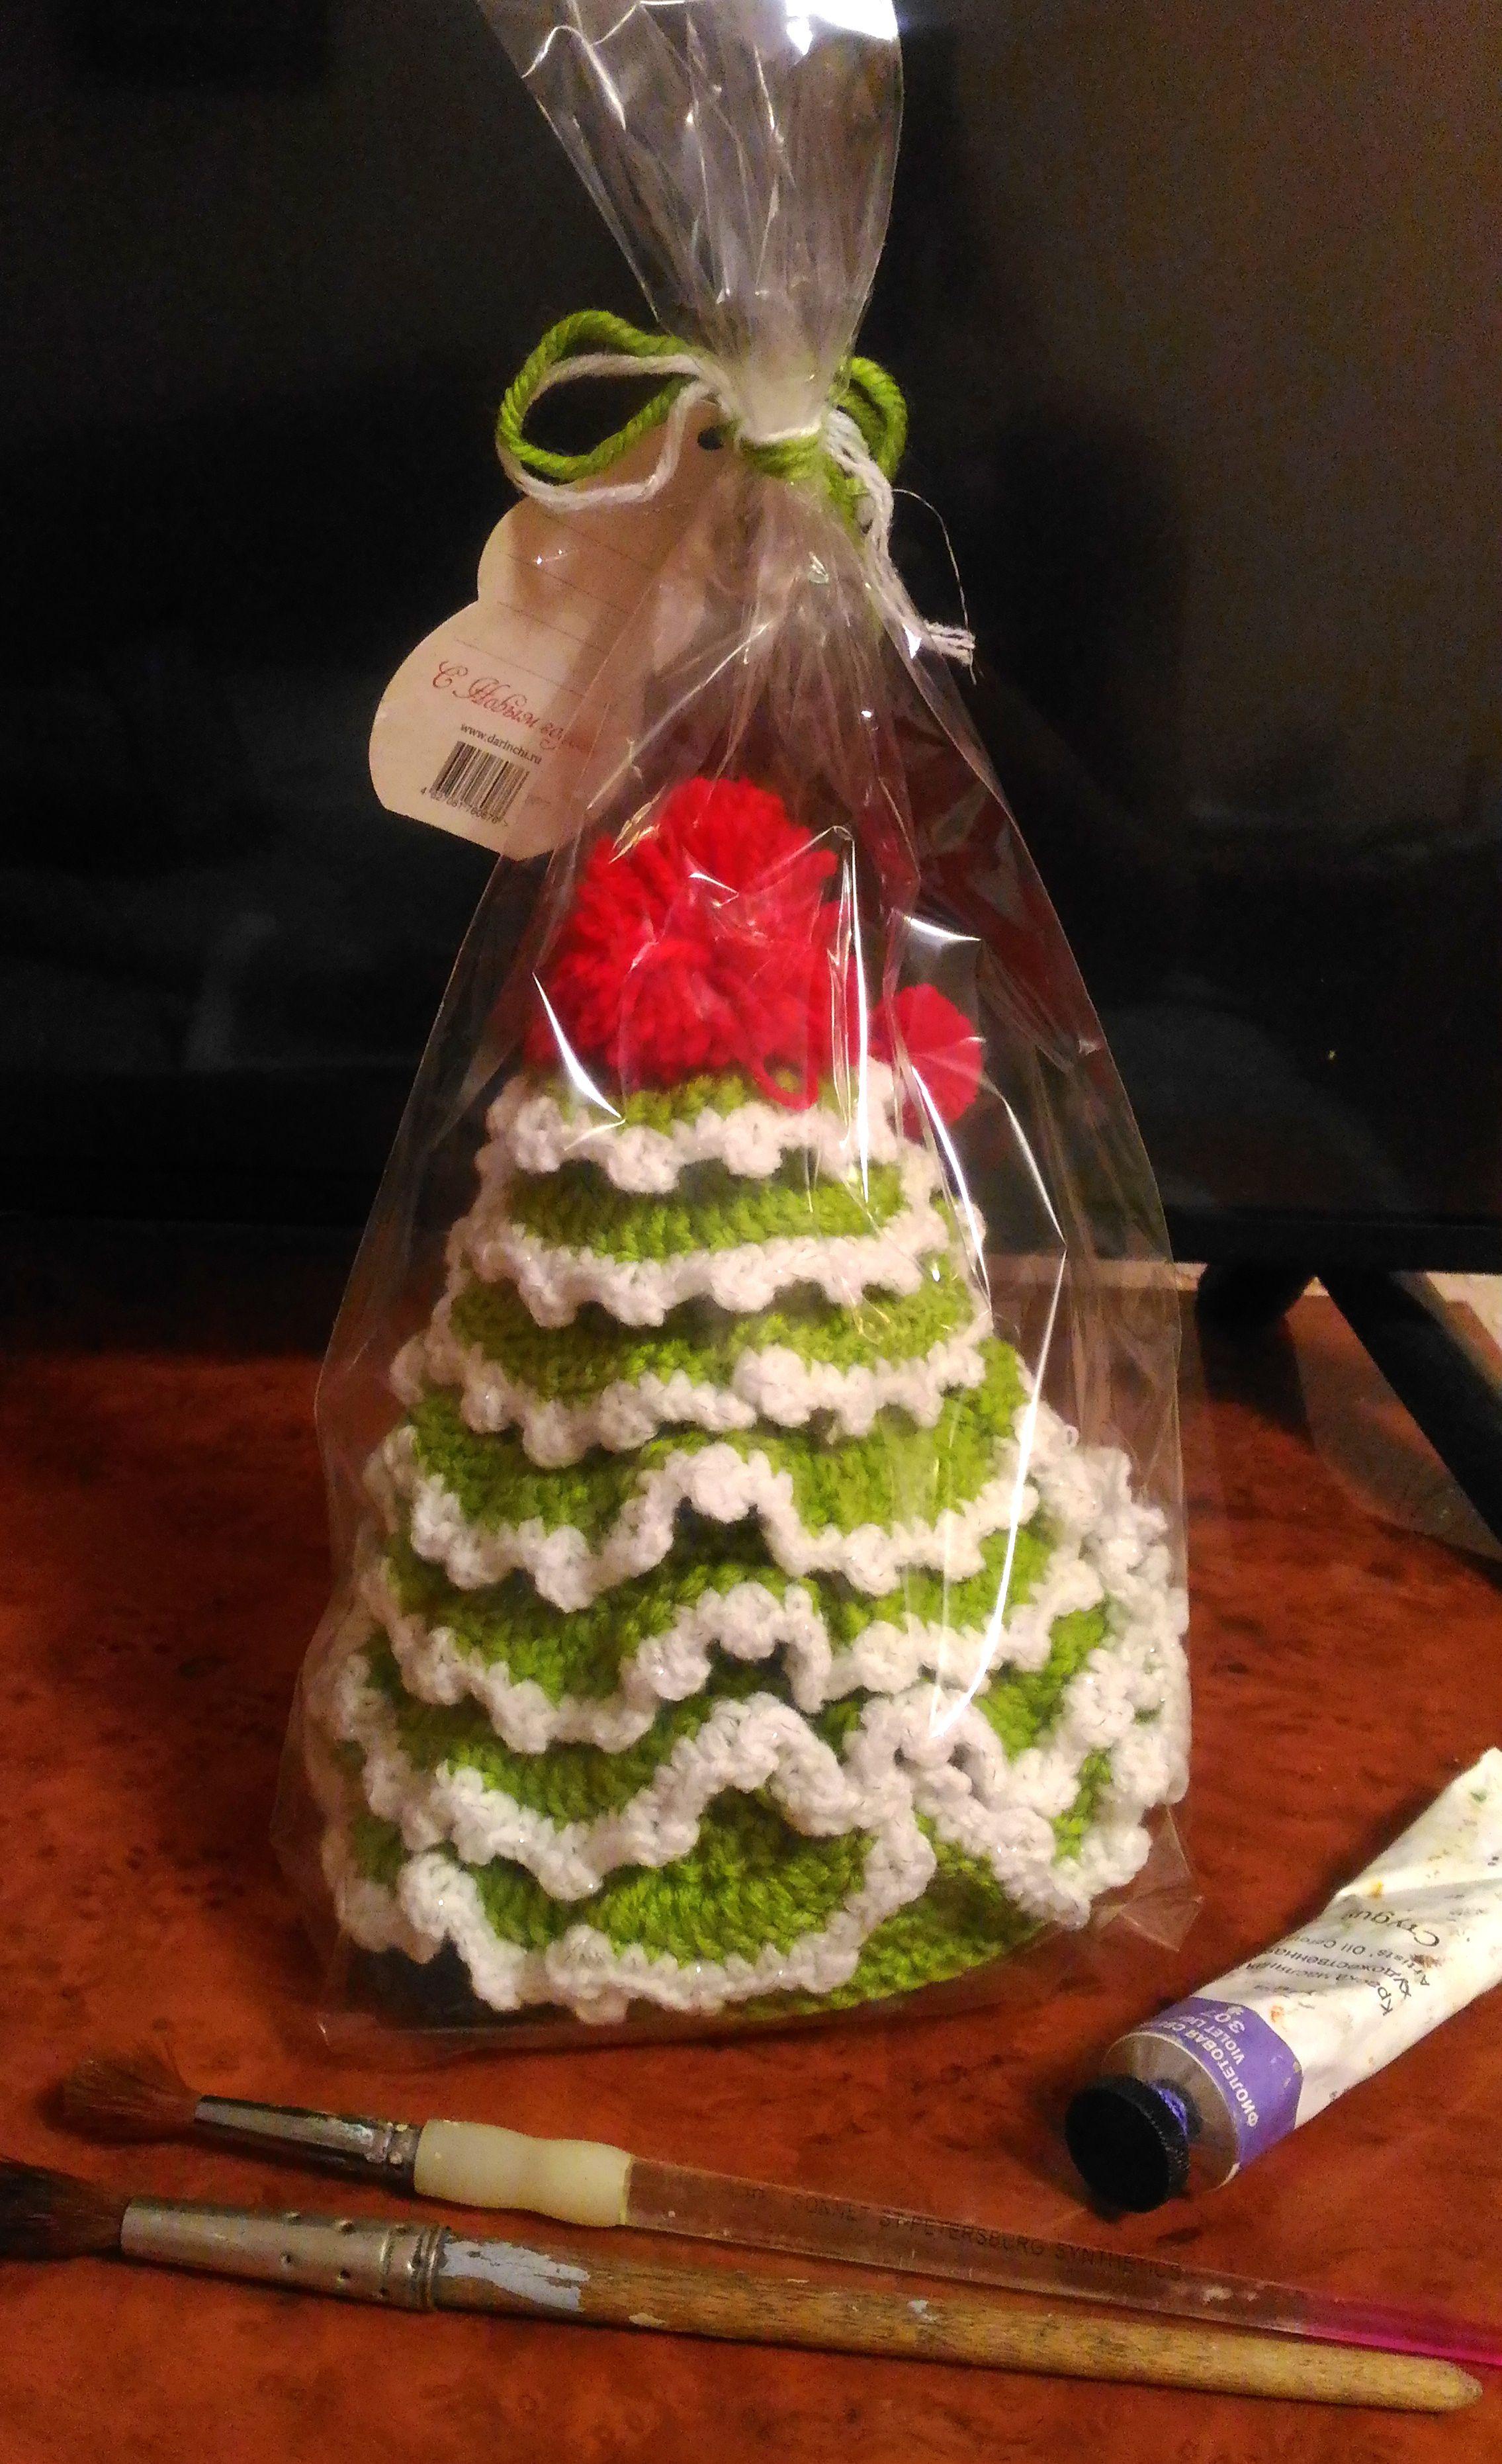 подарки ручная рабата ель прздник для детям работа рождество вязаная новый год текстиль пряжа продажа дома купить елка